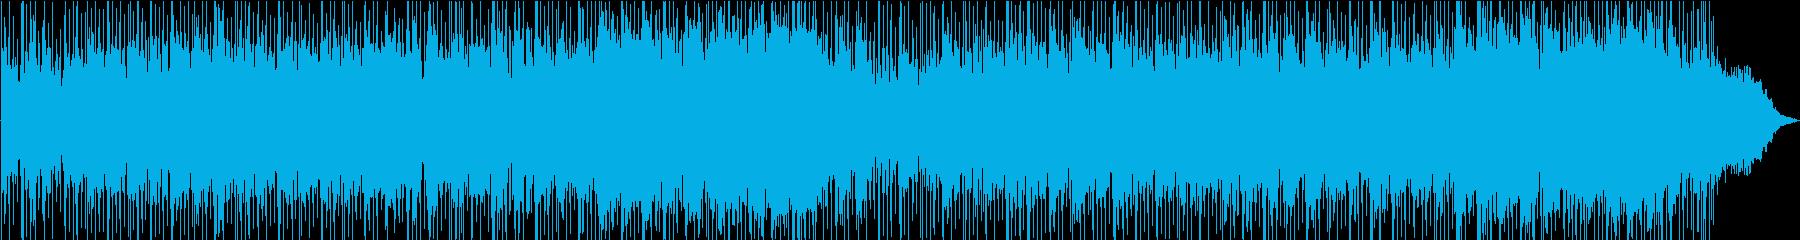 明るく爽やかな感じのBGM風の曲の再生済みの波形